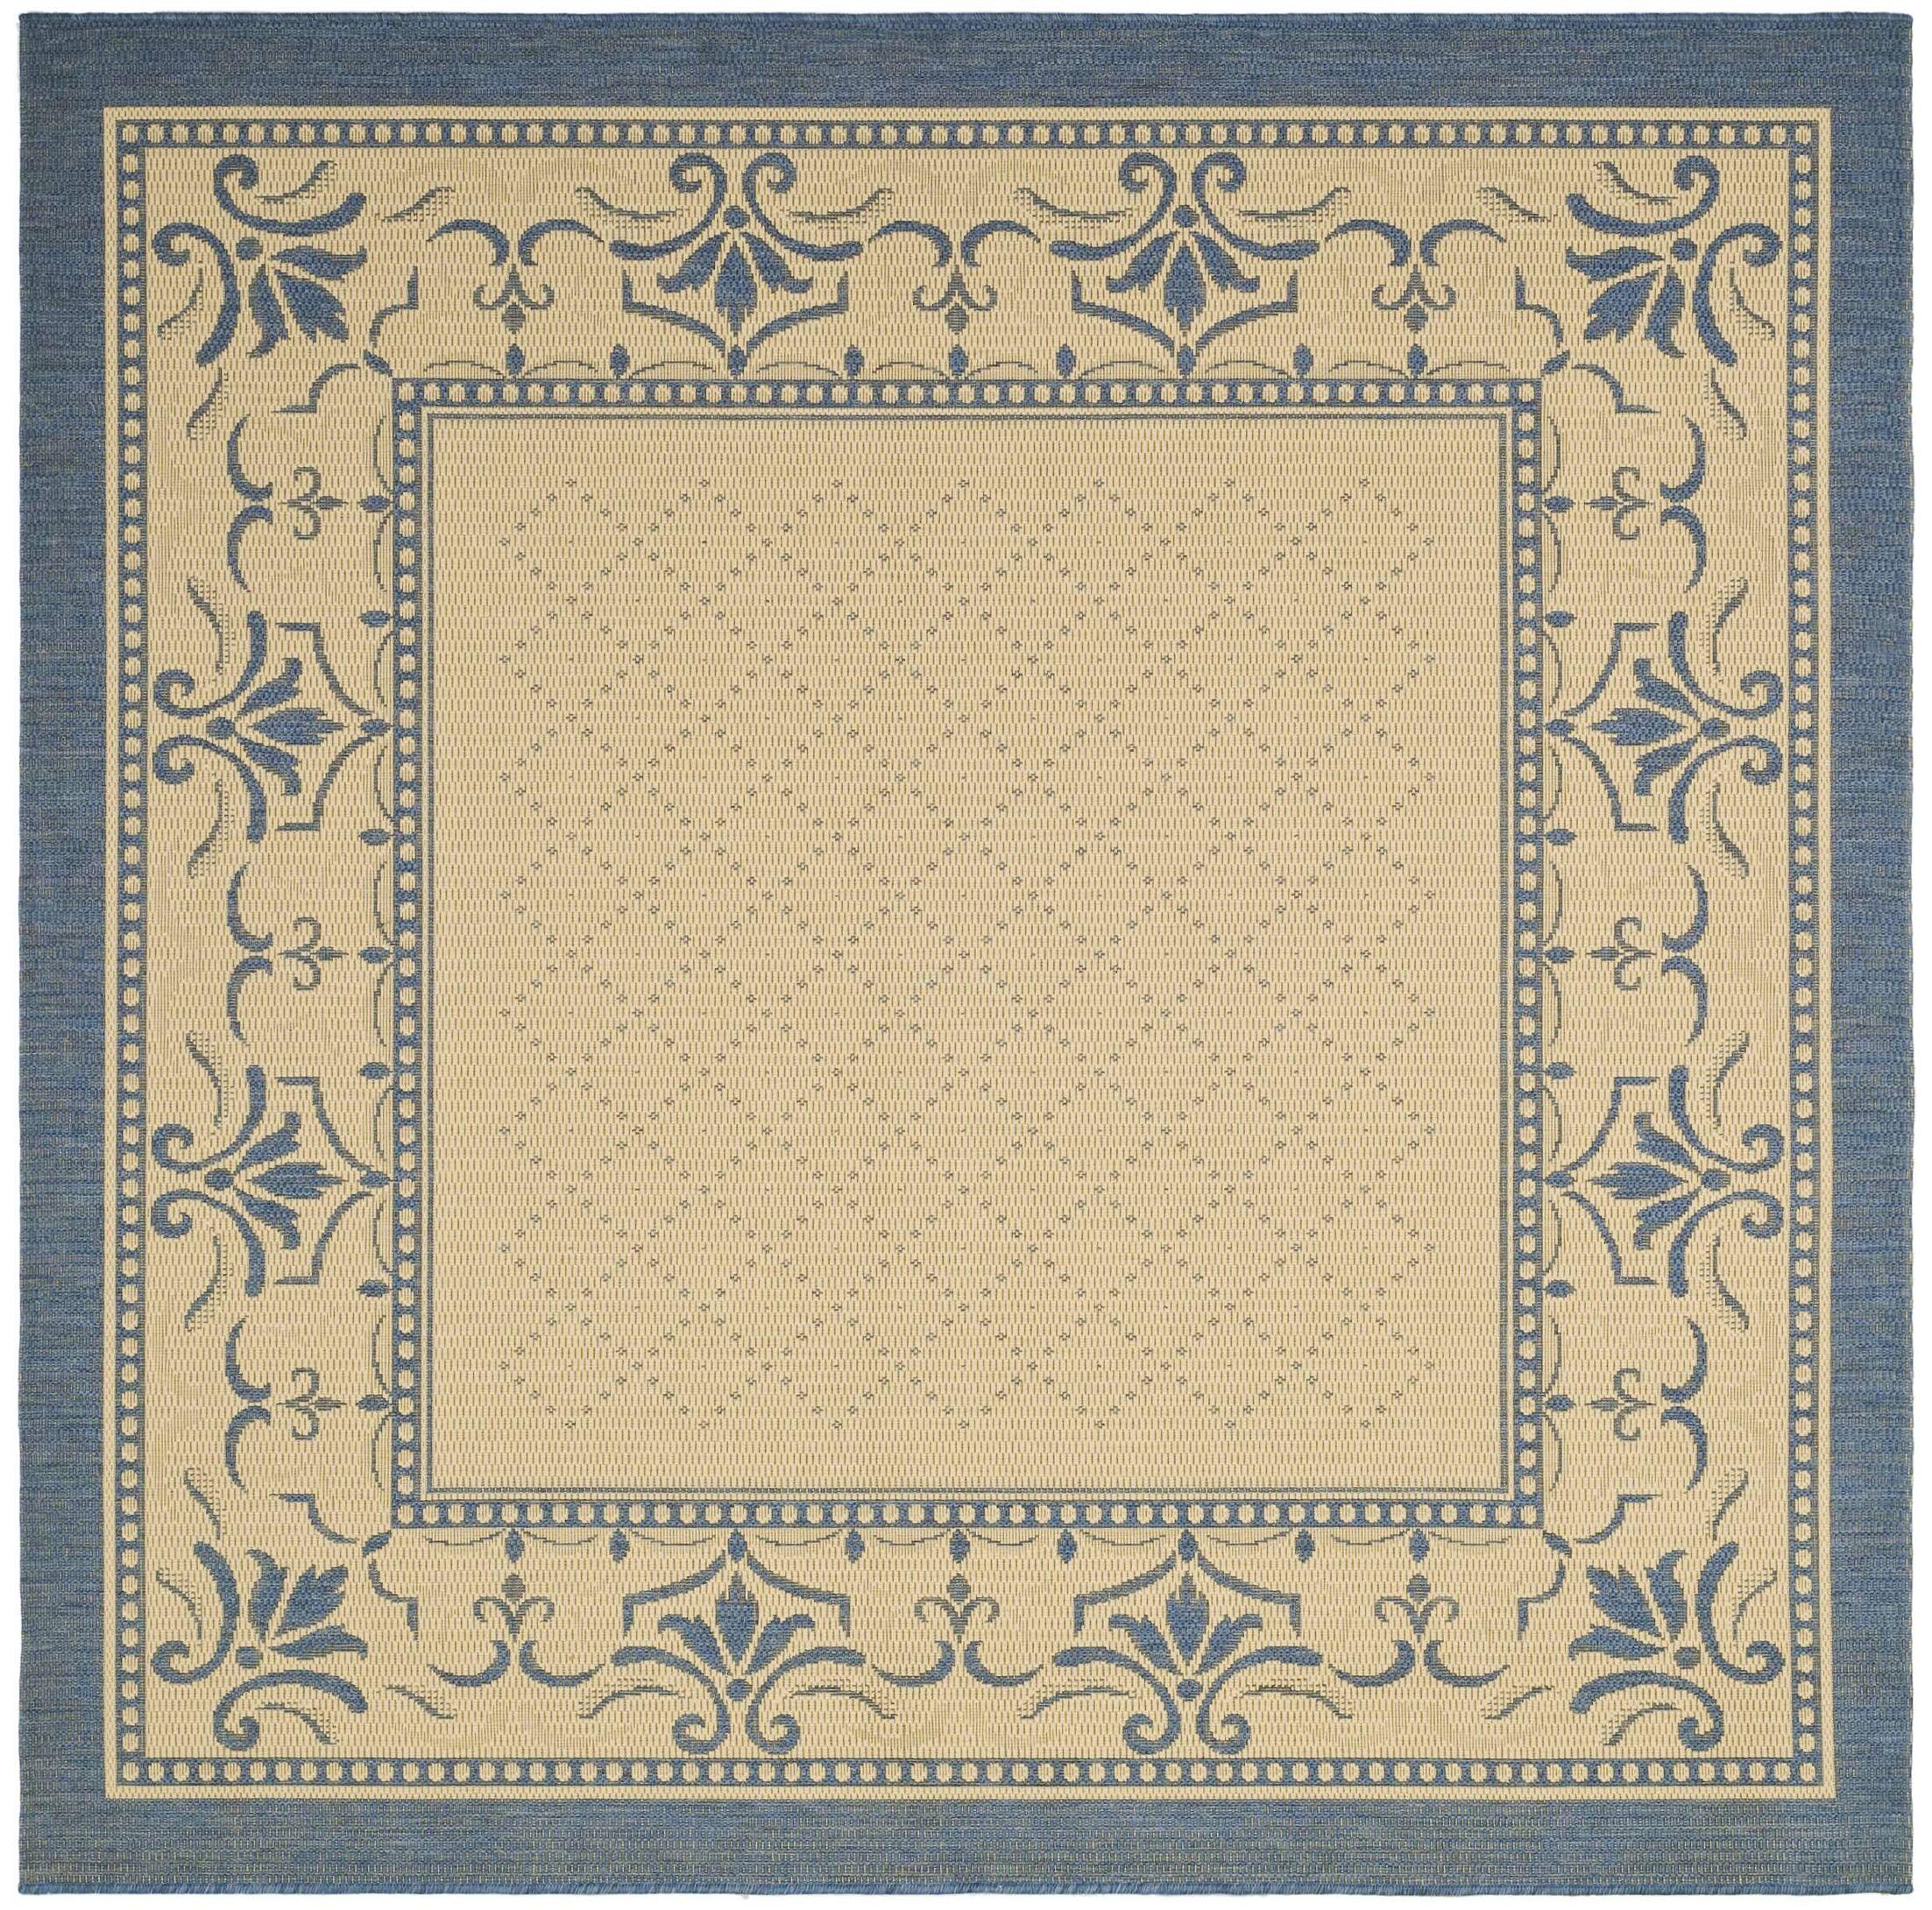 Amaryllis Ivory Area Rug Rug Size: Square 7'10